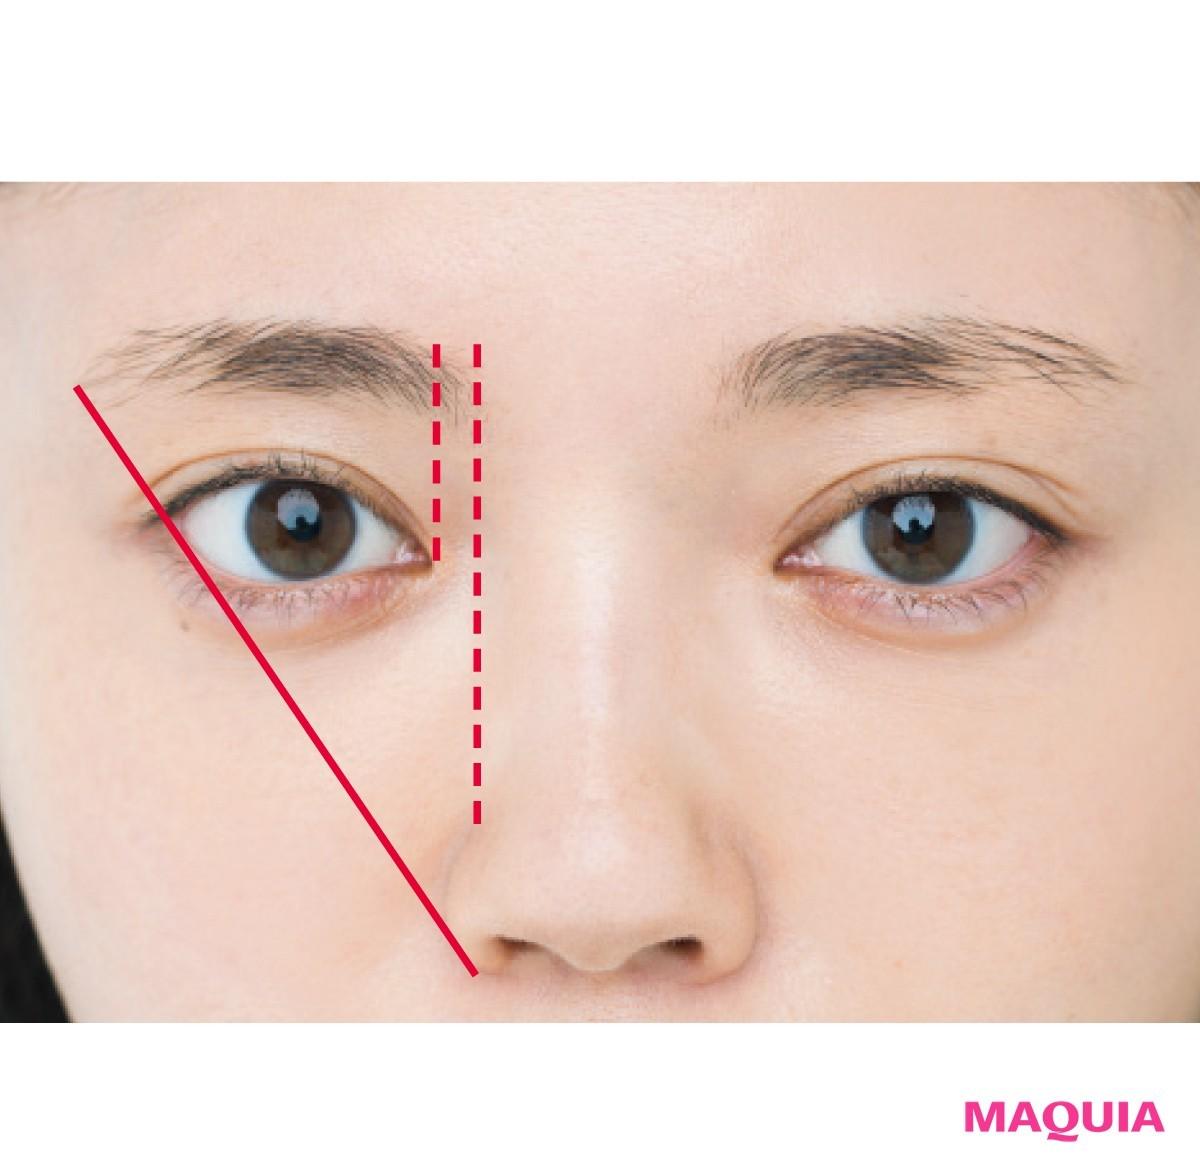 眉のお悩み、まとめて解決!旬顔に見せるテクをおさらい